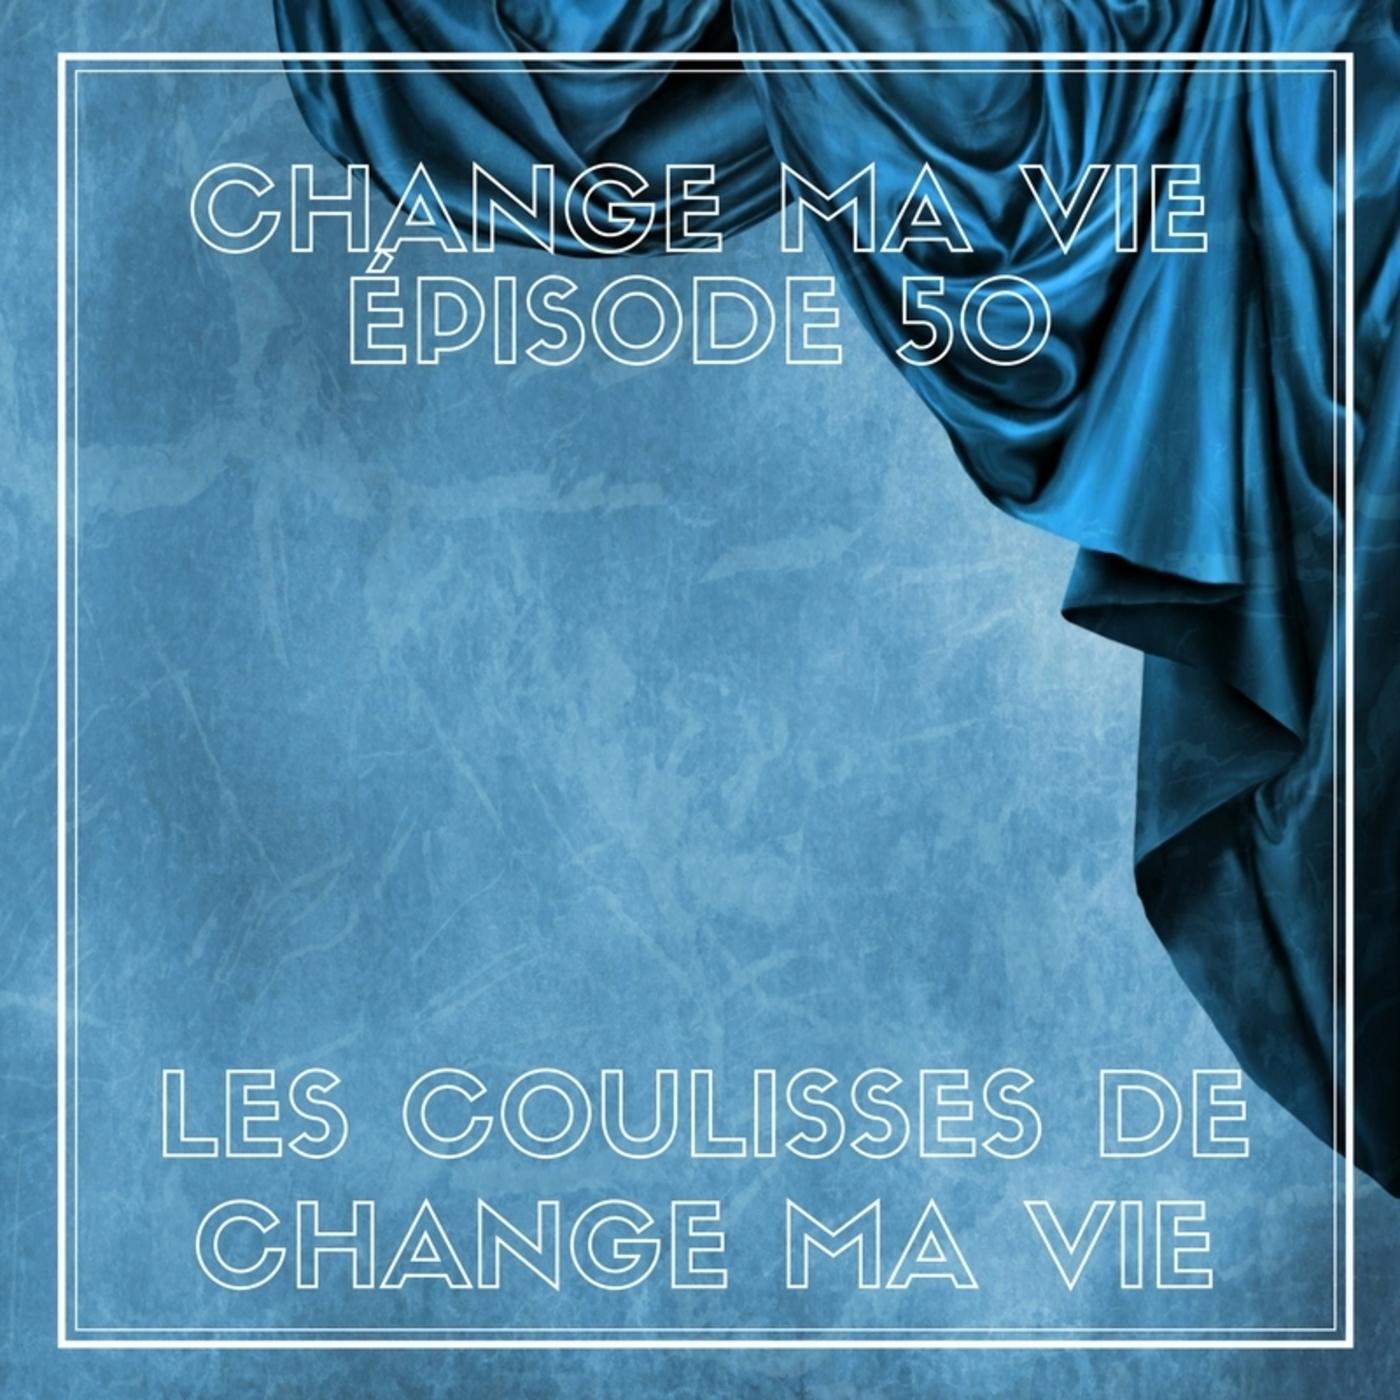 (050) Les Coulisses de Change ma vie